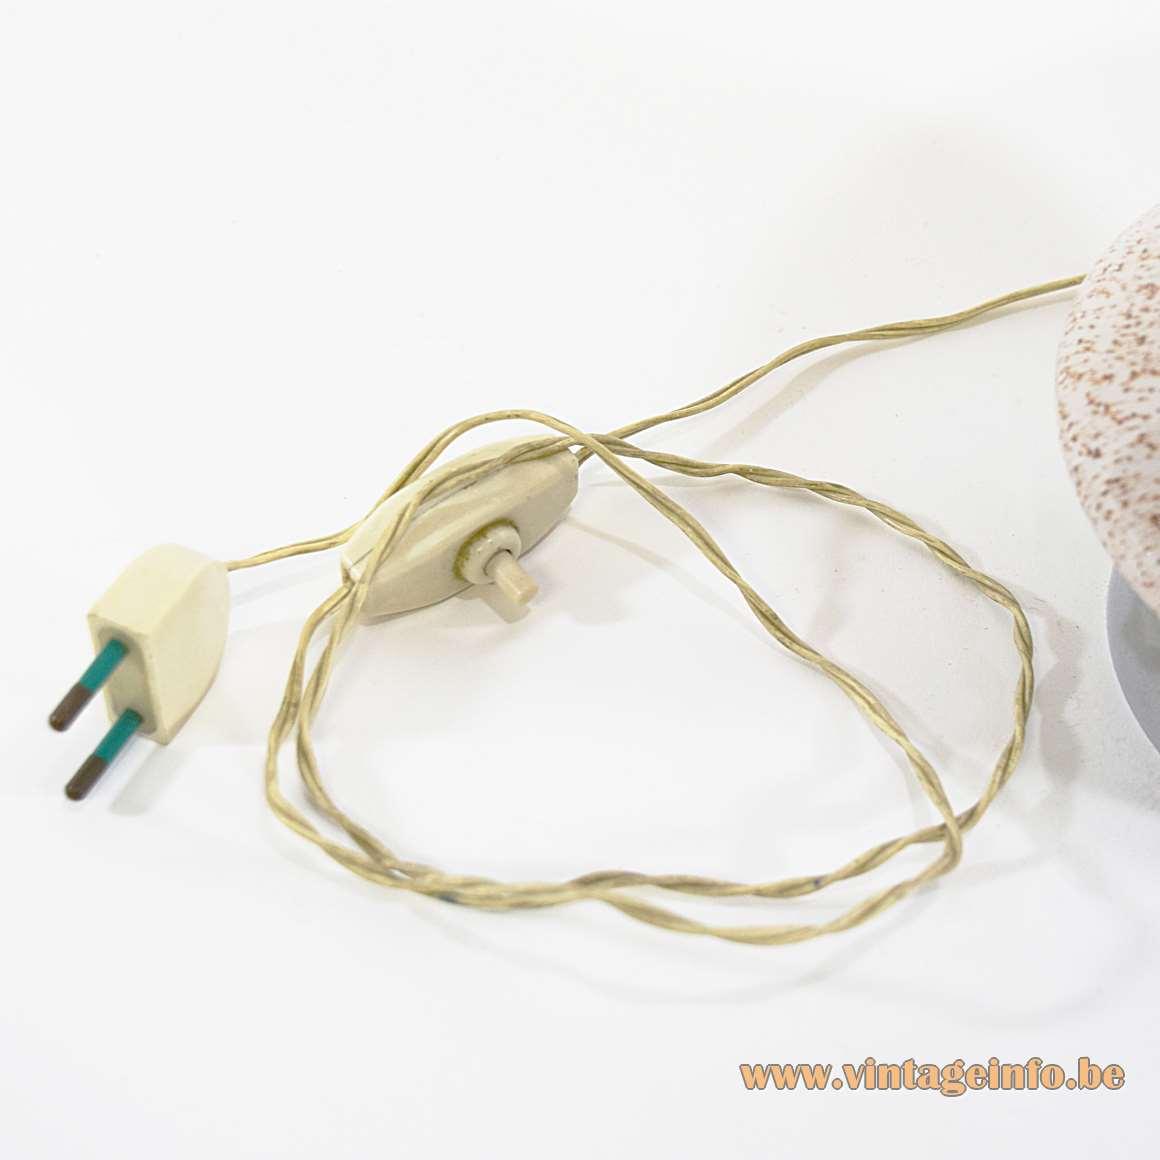 Speckled Mushroom Murano Table Lamp chrome ring base mottled 1950s 1960s Italy VLM Parts